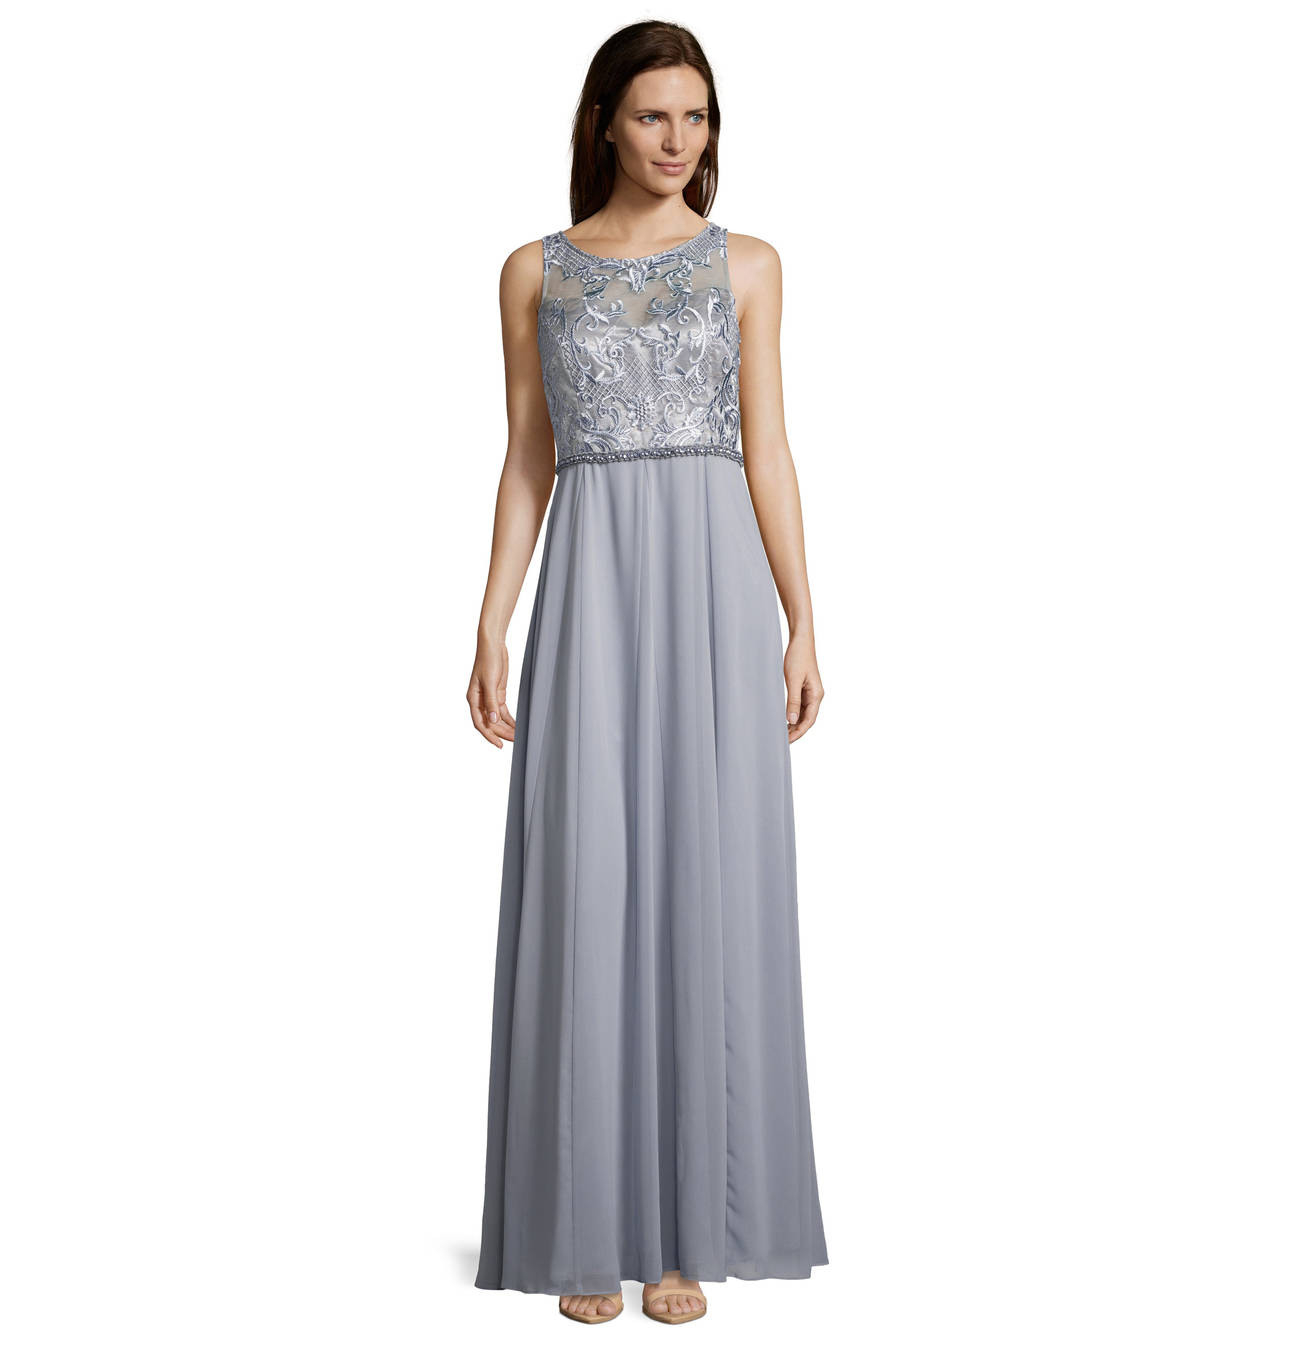 17 Elegant Kaufhof Abendkleid Spezialgebiet15 Ausgezeichnet Kaufhof Abendkleid Bester Preis